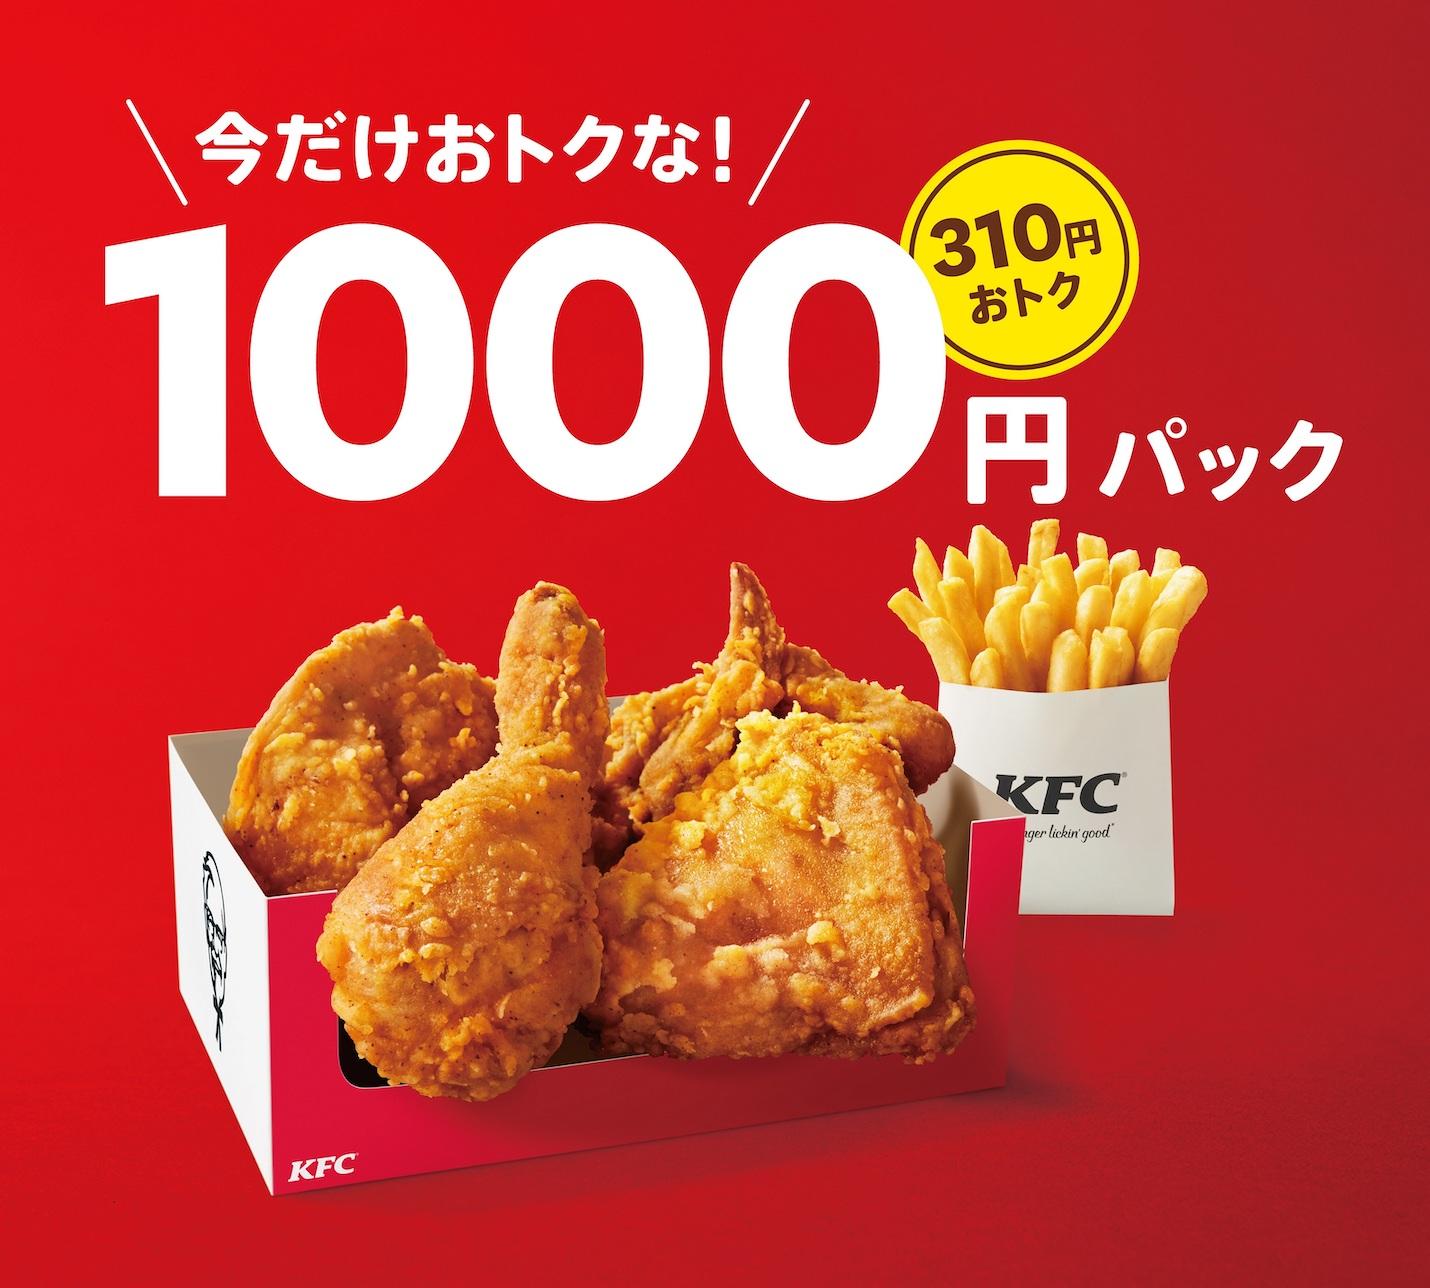 ケンタッキーフライドチキン「1000円パック」「1500円パック」